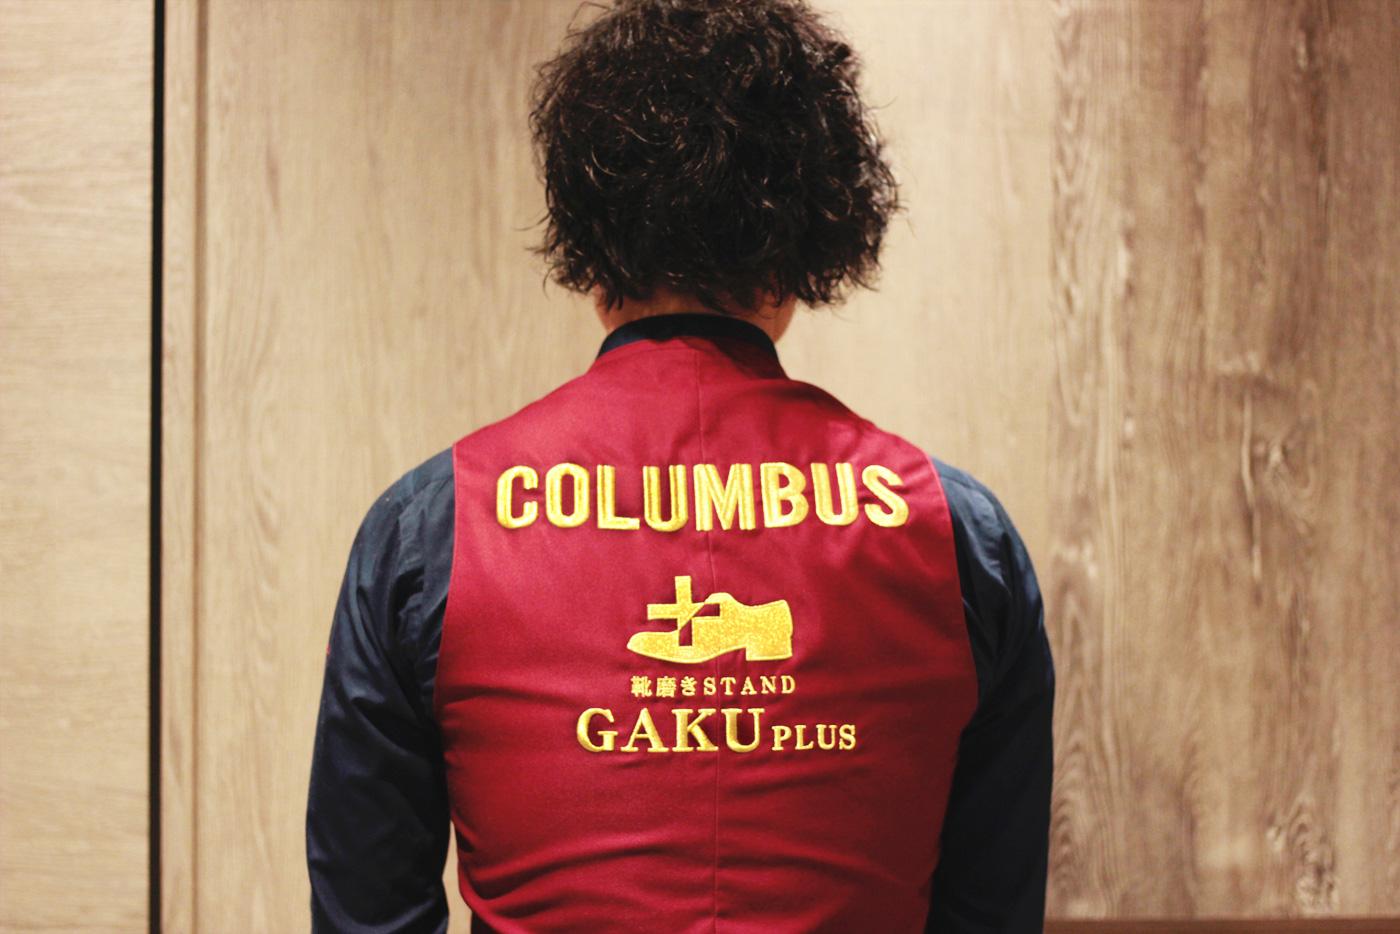 """名古屋の靴磨き店""""ガクプラス/GAKUPLUS""""の佐藤我久さん COLUMBUSとお店のWネームのベストを着用"""